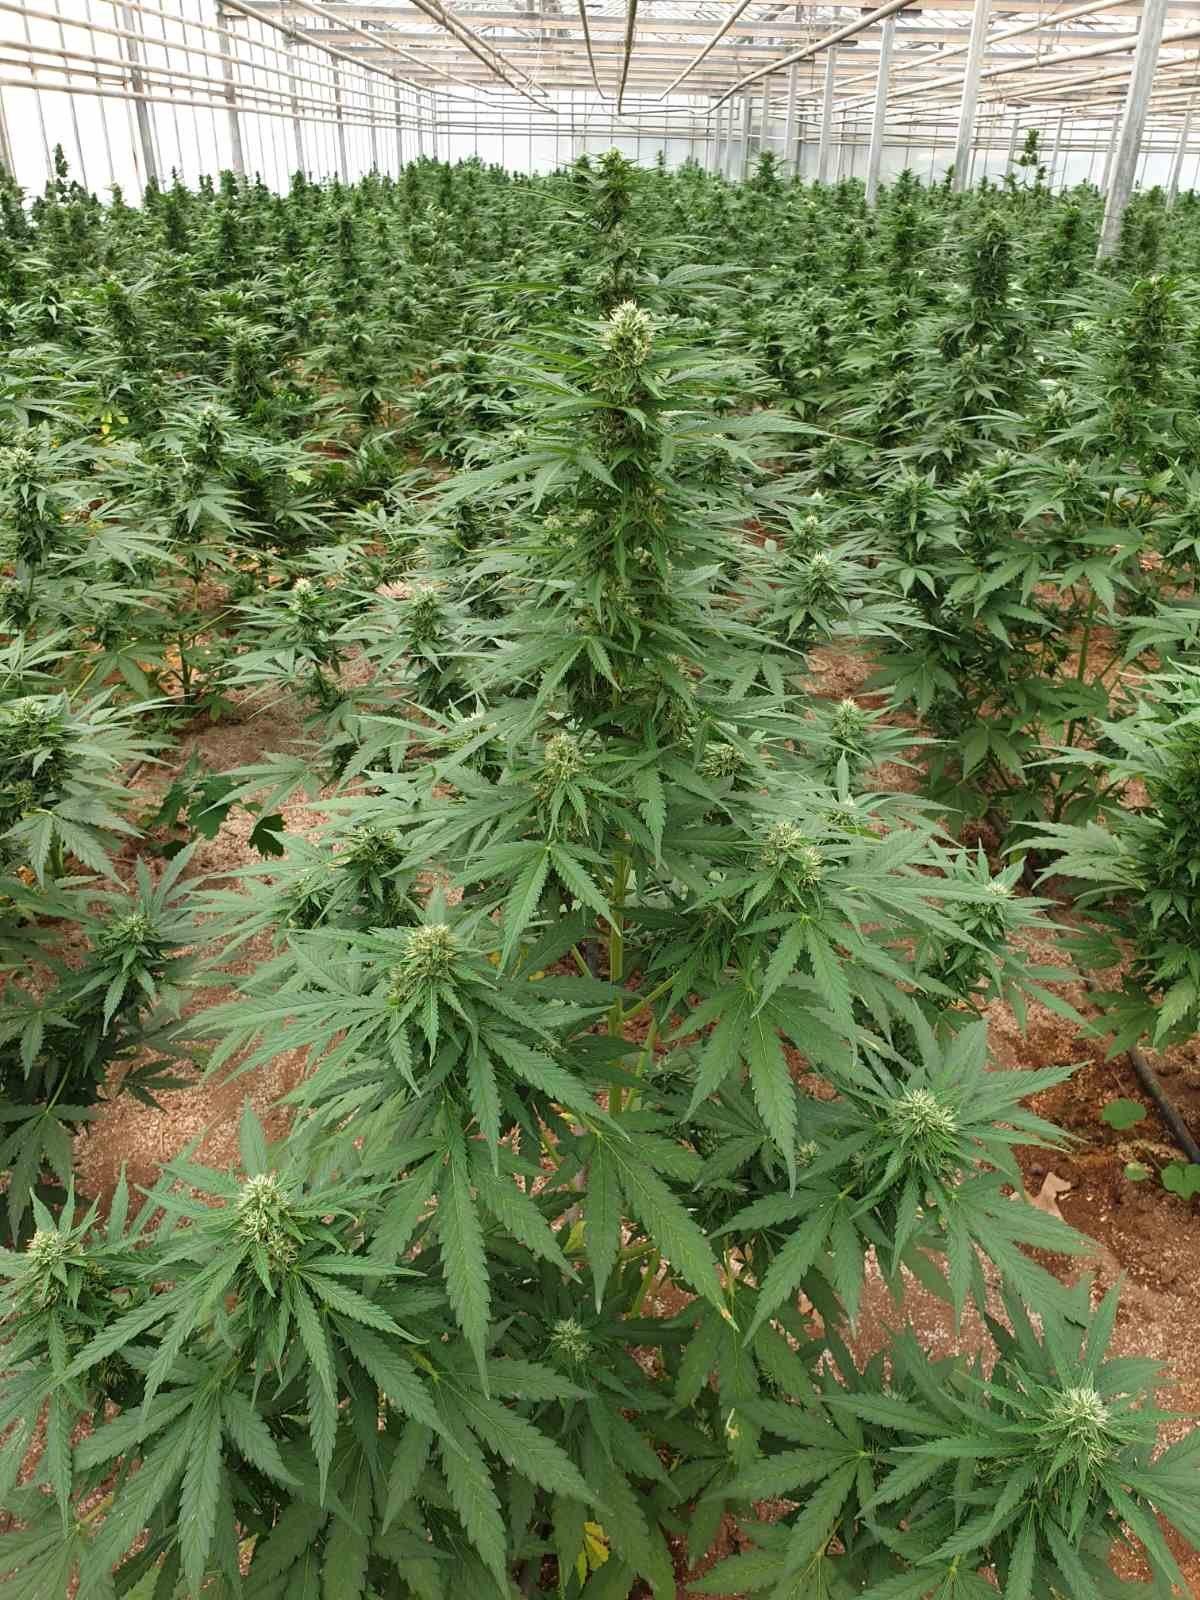 """Ανάβυσσος: Τεράστια φυτεία χασίς με """"βιτρίνα"""" καλλιέργεια κάνναβης – Το καλοστημένο κόλπο και ο τζίρος που… ζαλίζει – ΦΩΤΟ – ΒΙΝΤΕΟ"""